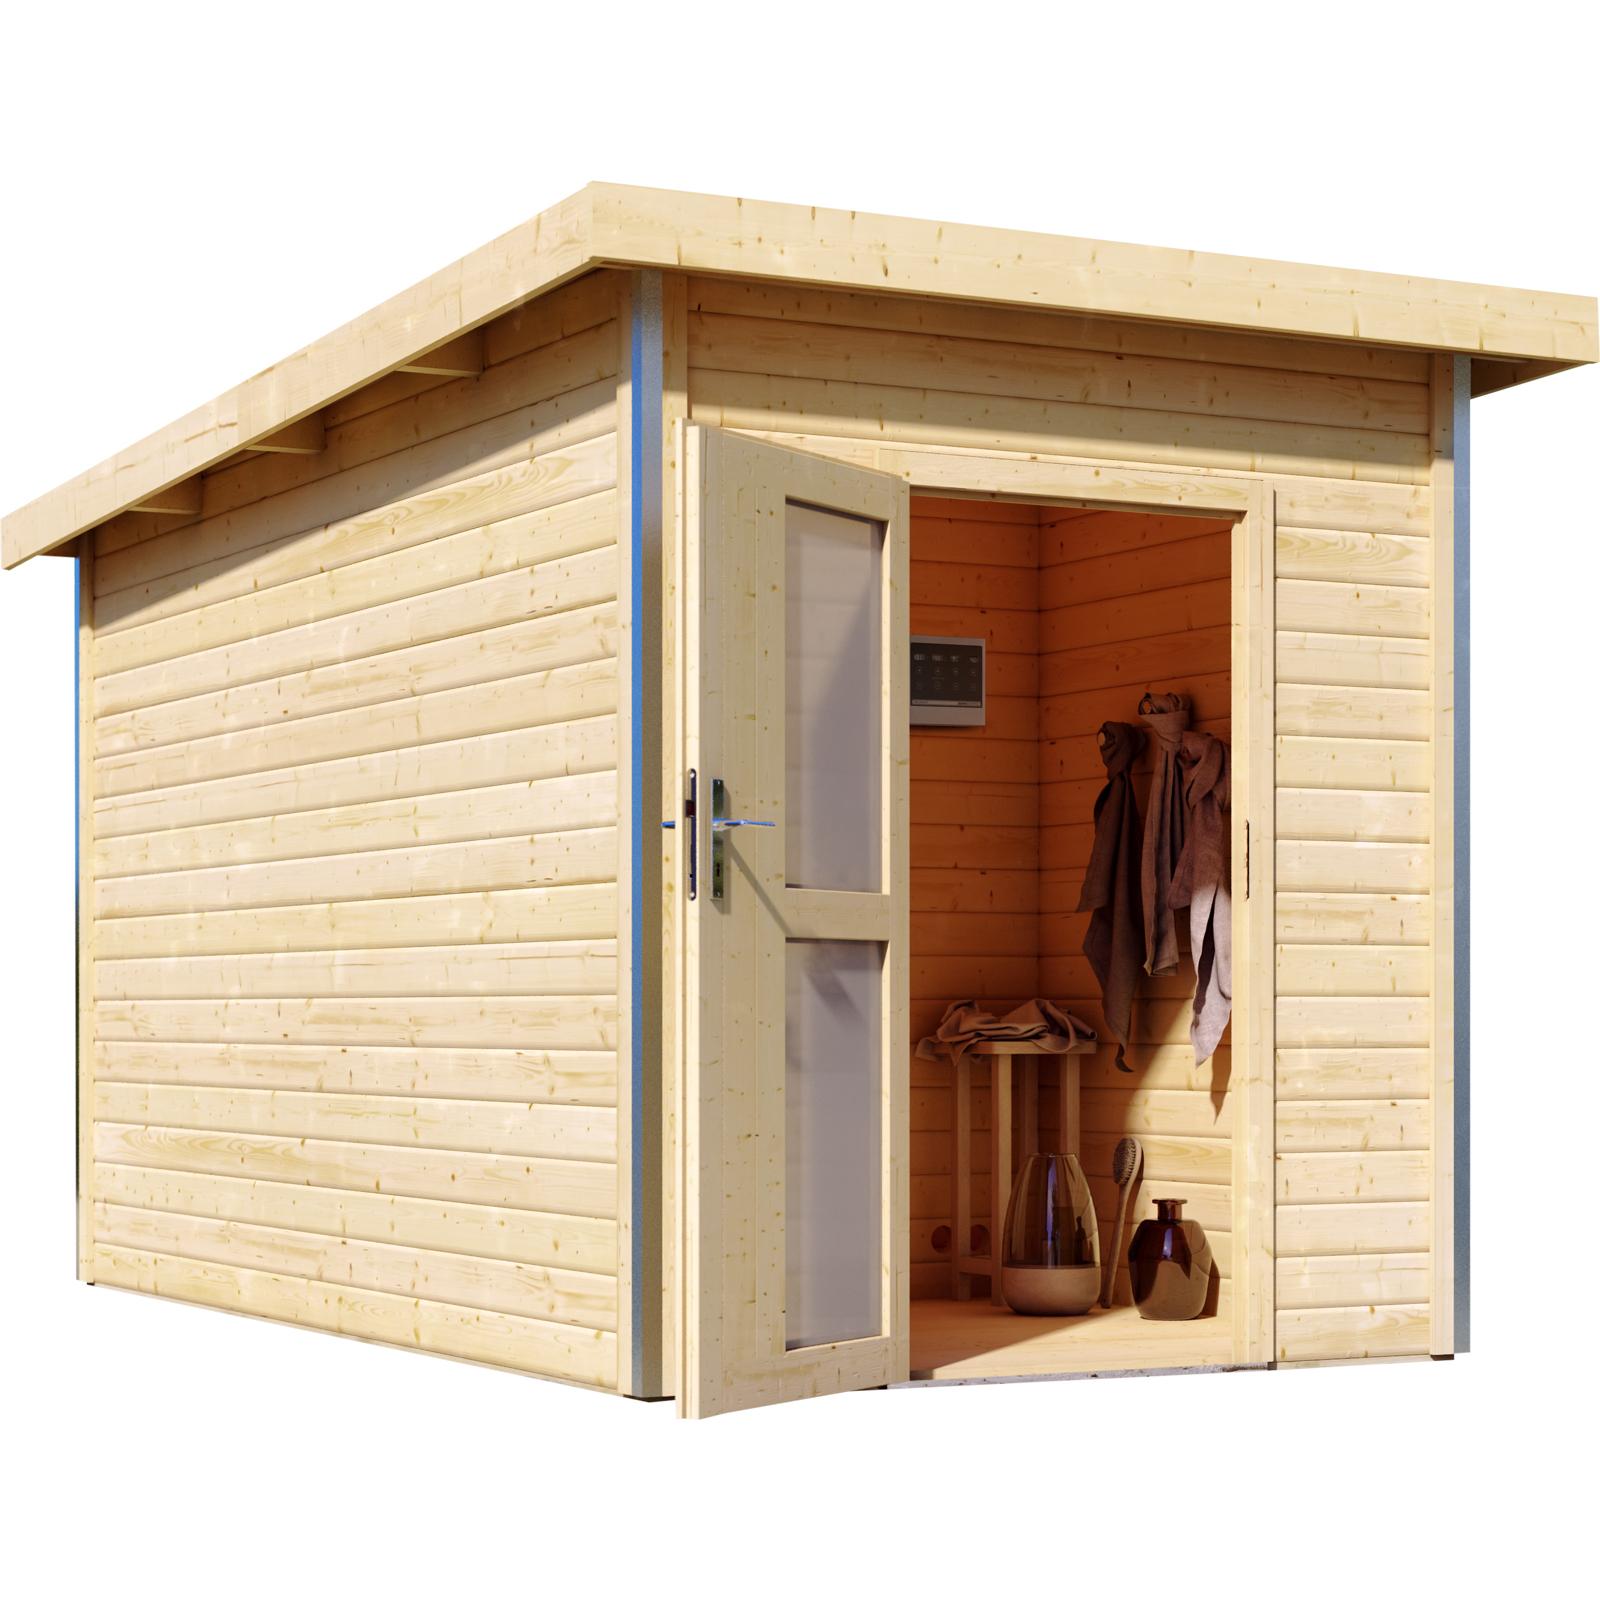 Saunahaus TORGE 1,96 x 3,63 mit Vorraum | Gartensauna | Sauna ...